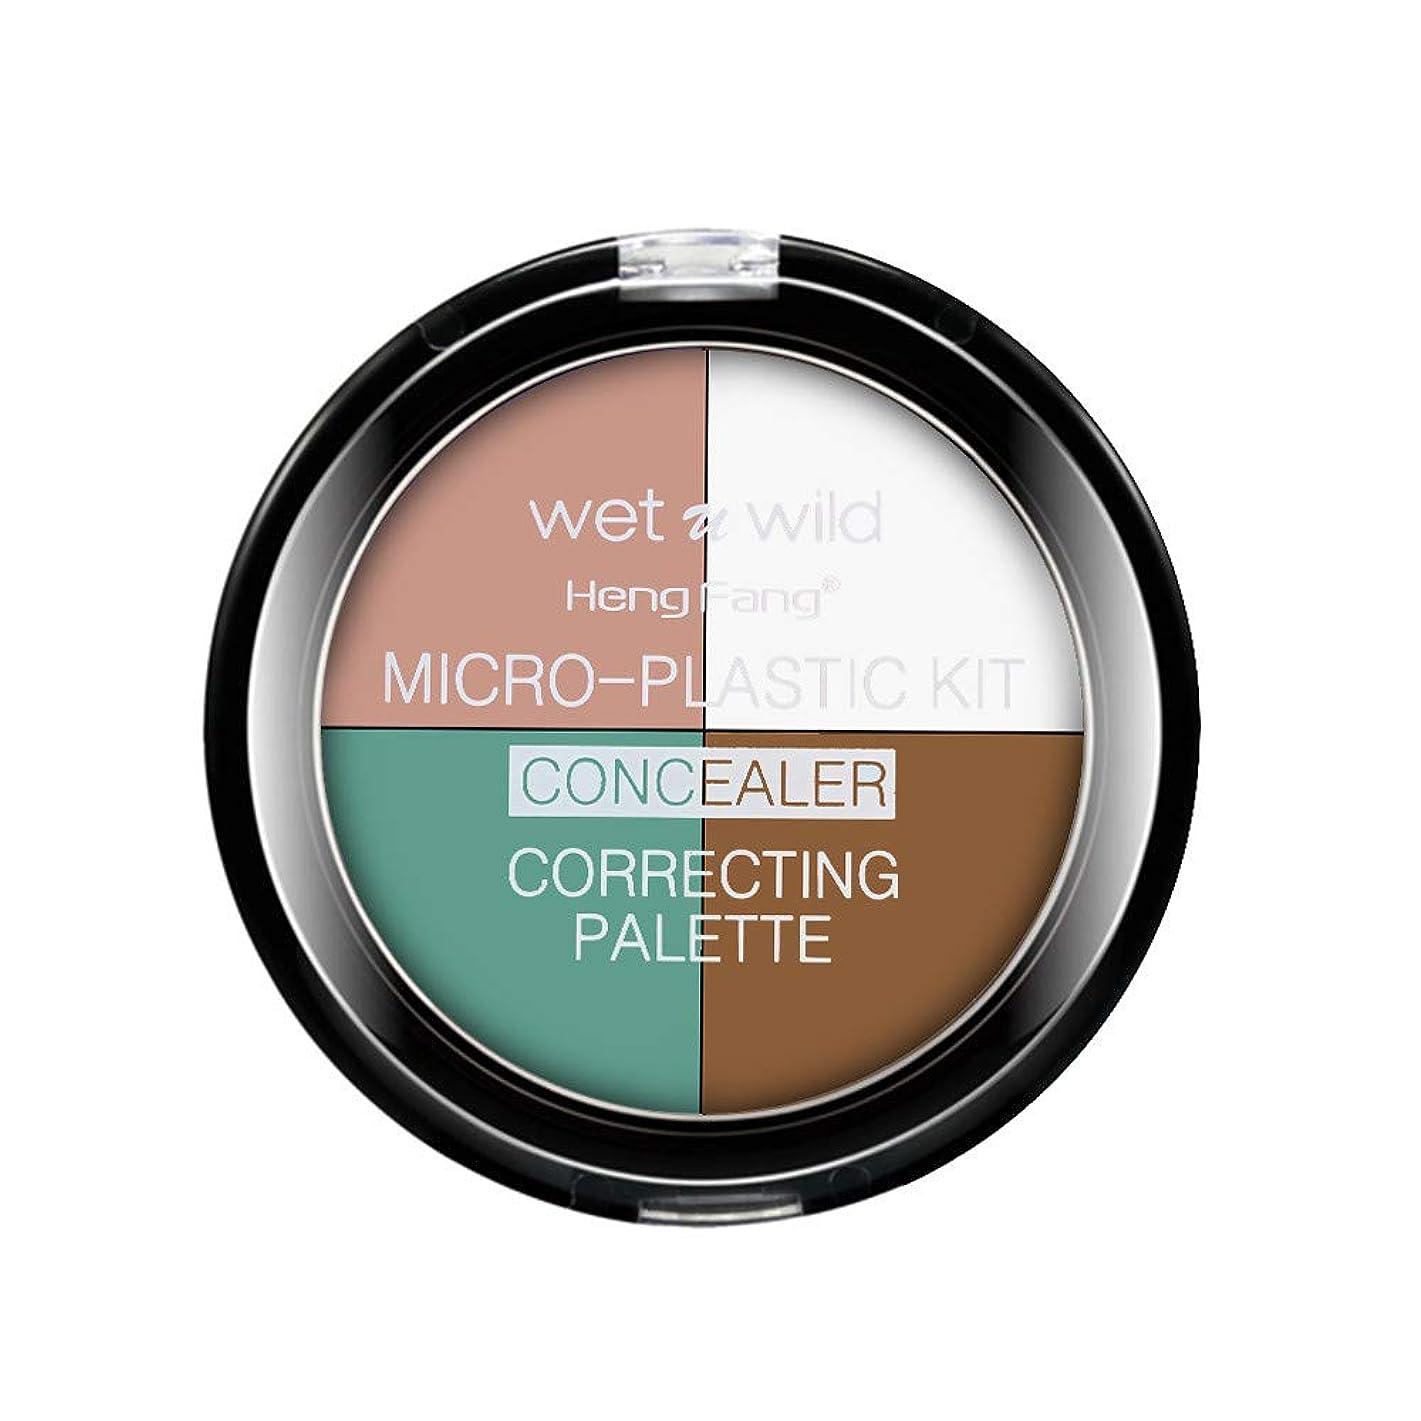 プログレッシブソフトウェアネックレスリキッドファンデーション クリームファンデーション カバー力 エッセンスモイスト コンシーラー ファンデーション カバーパーフェクション チップコンシーラー 色白 明るい肌